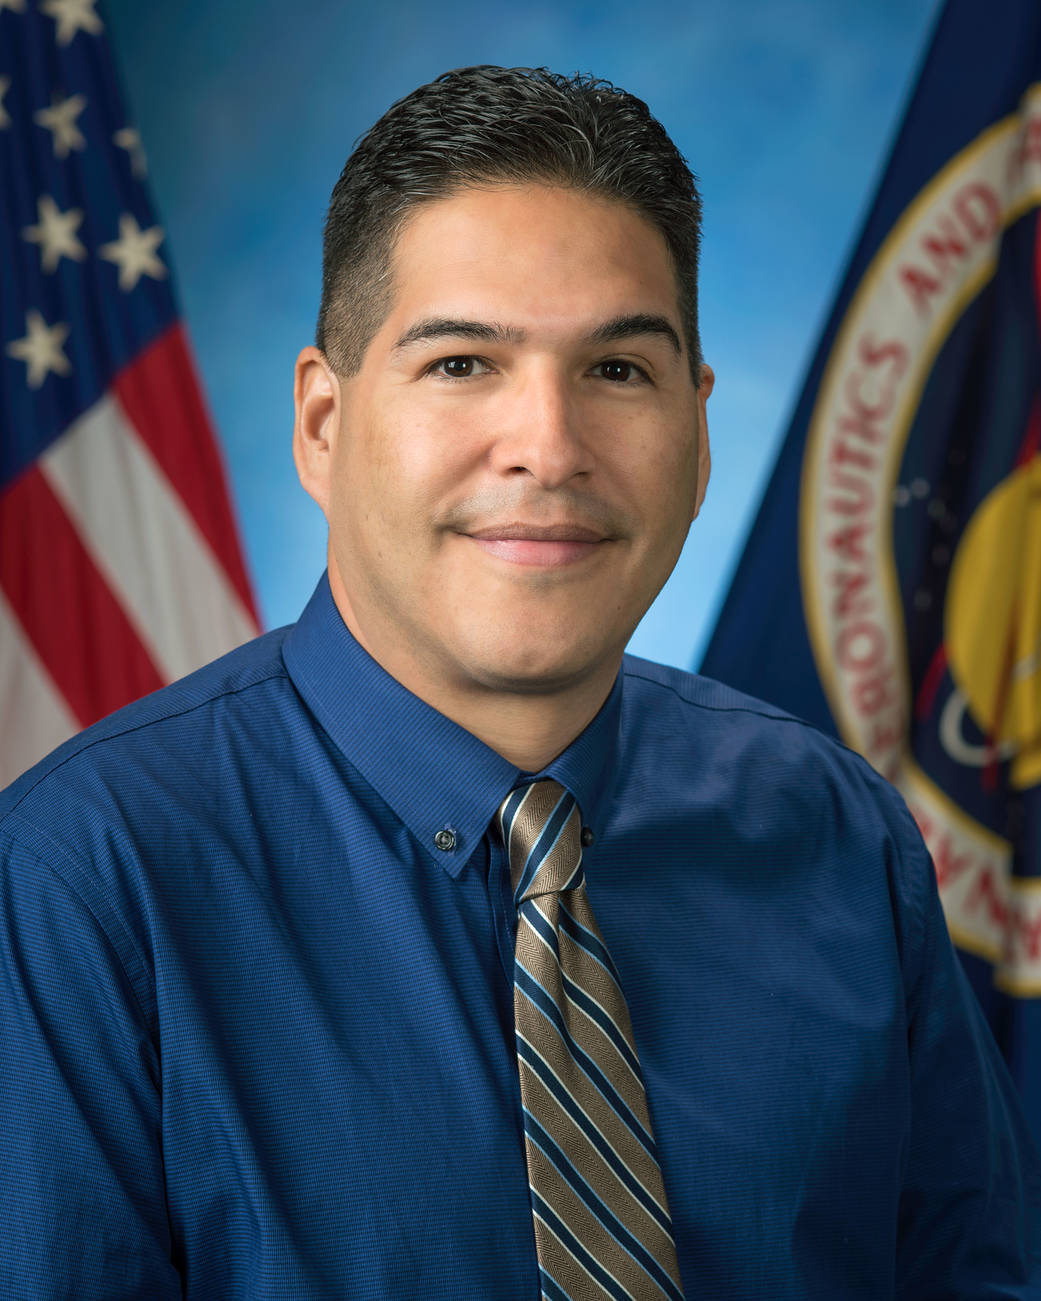 Kenneth Attocknie